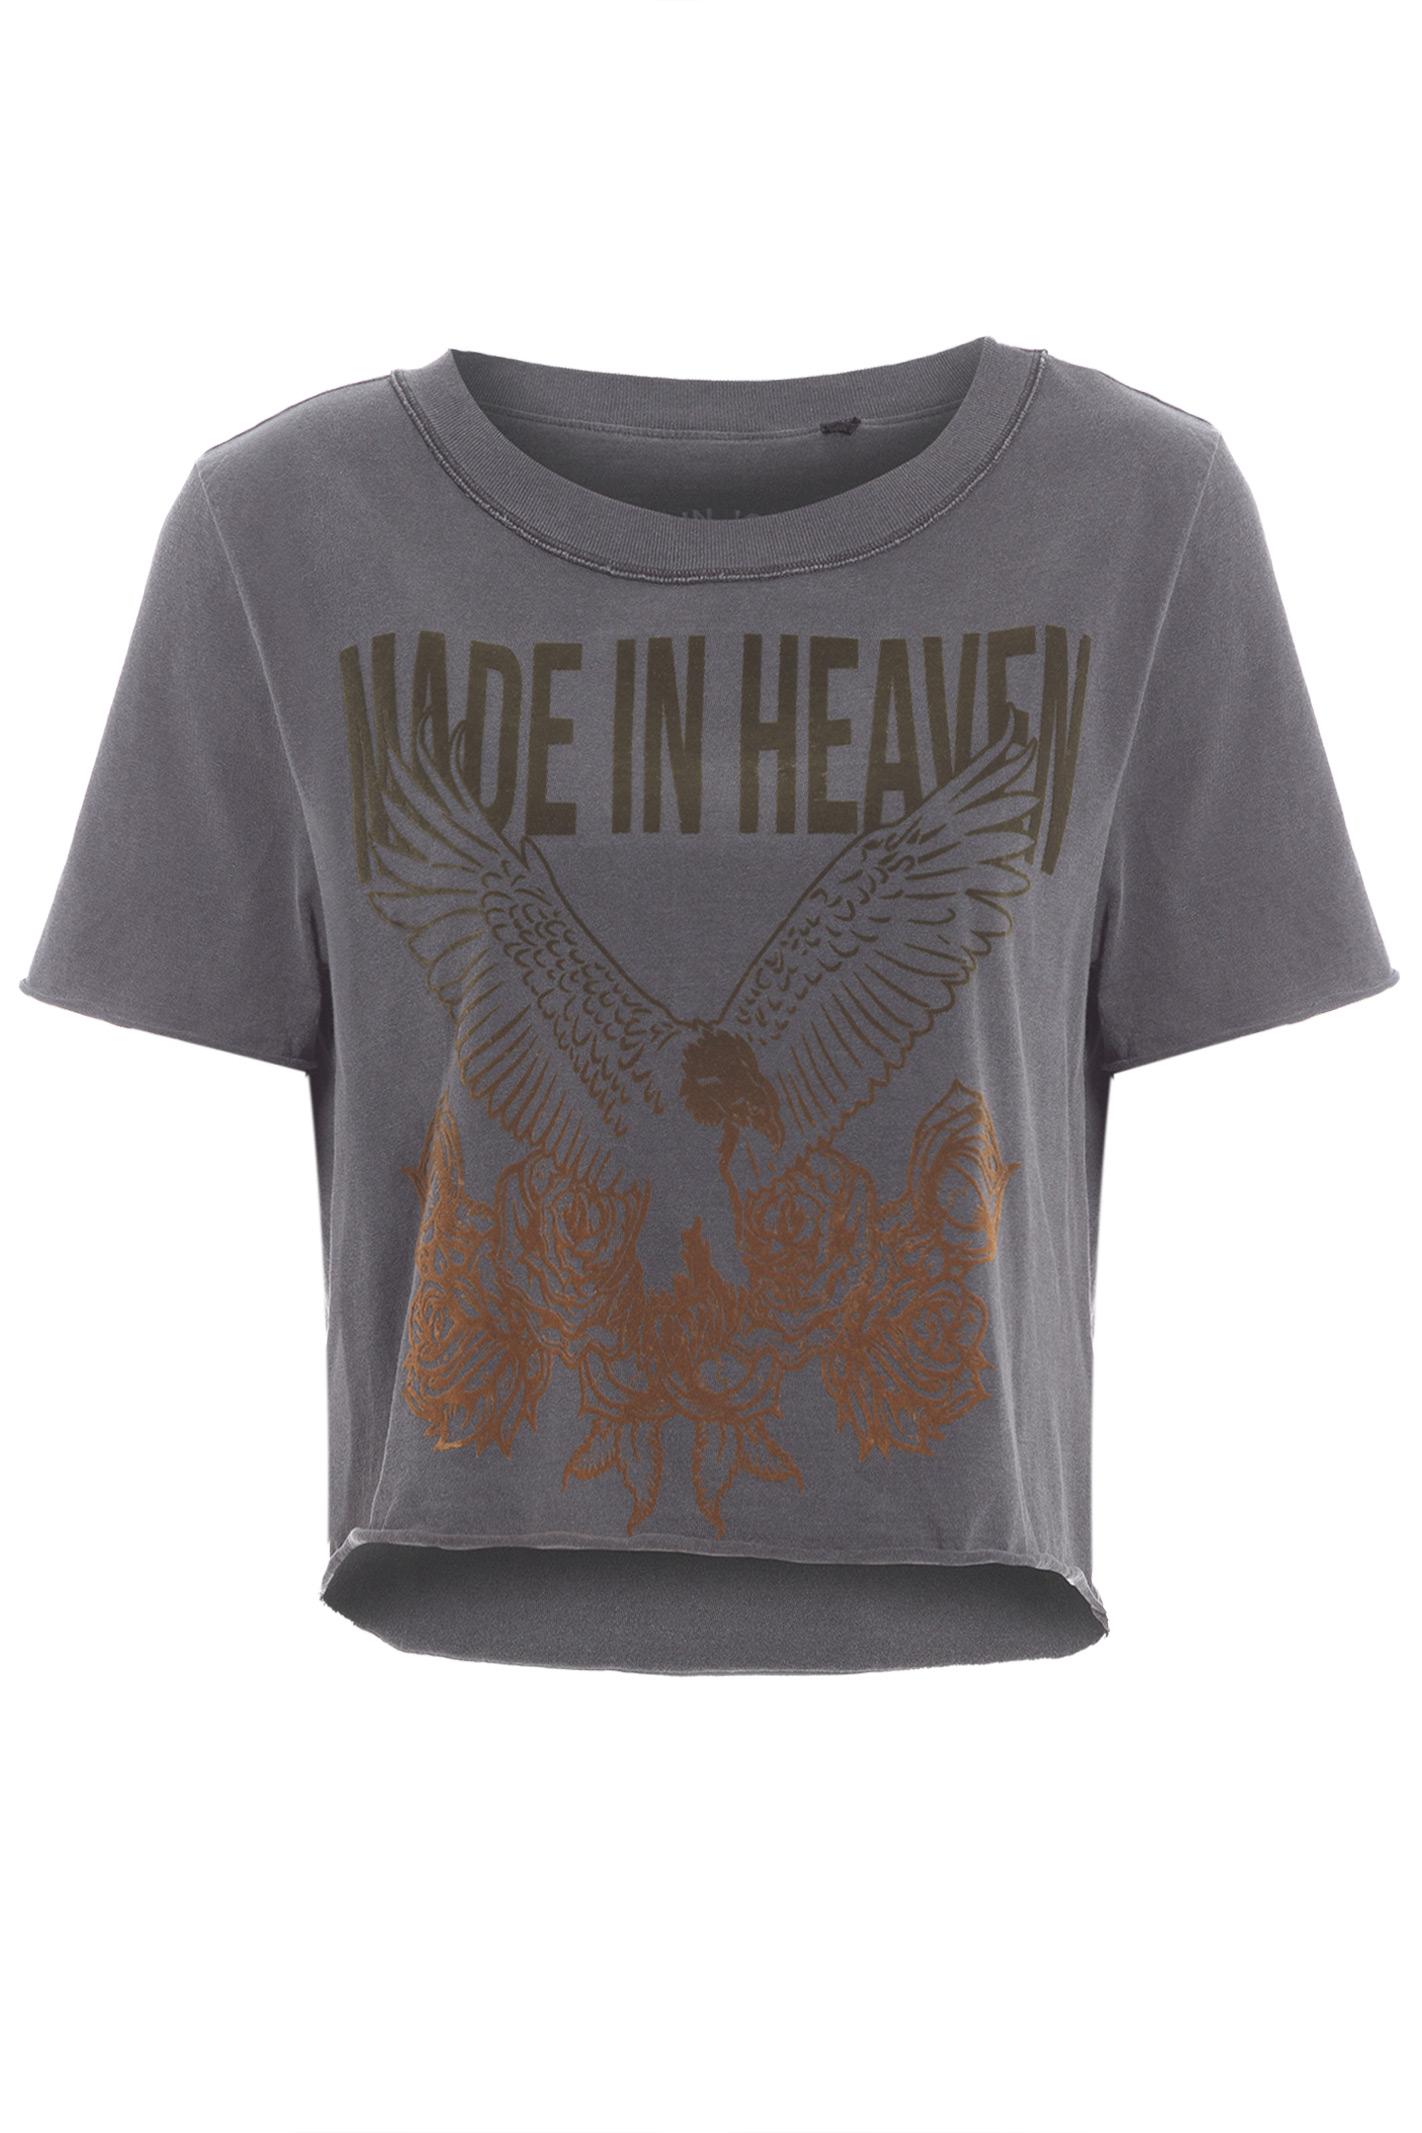 T Shirt Eagle Mih